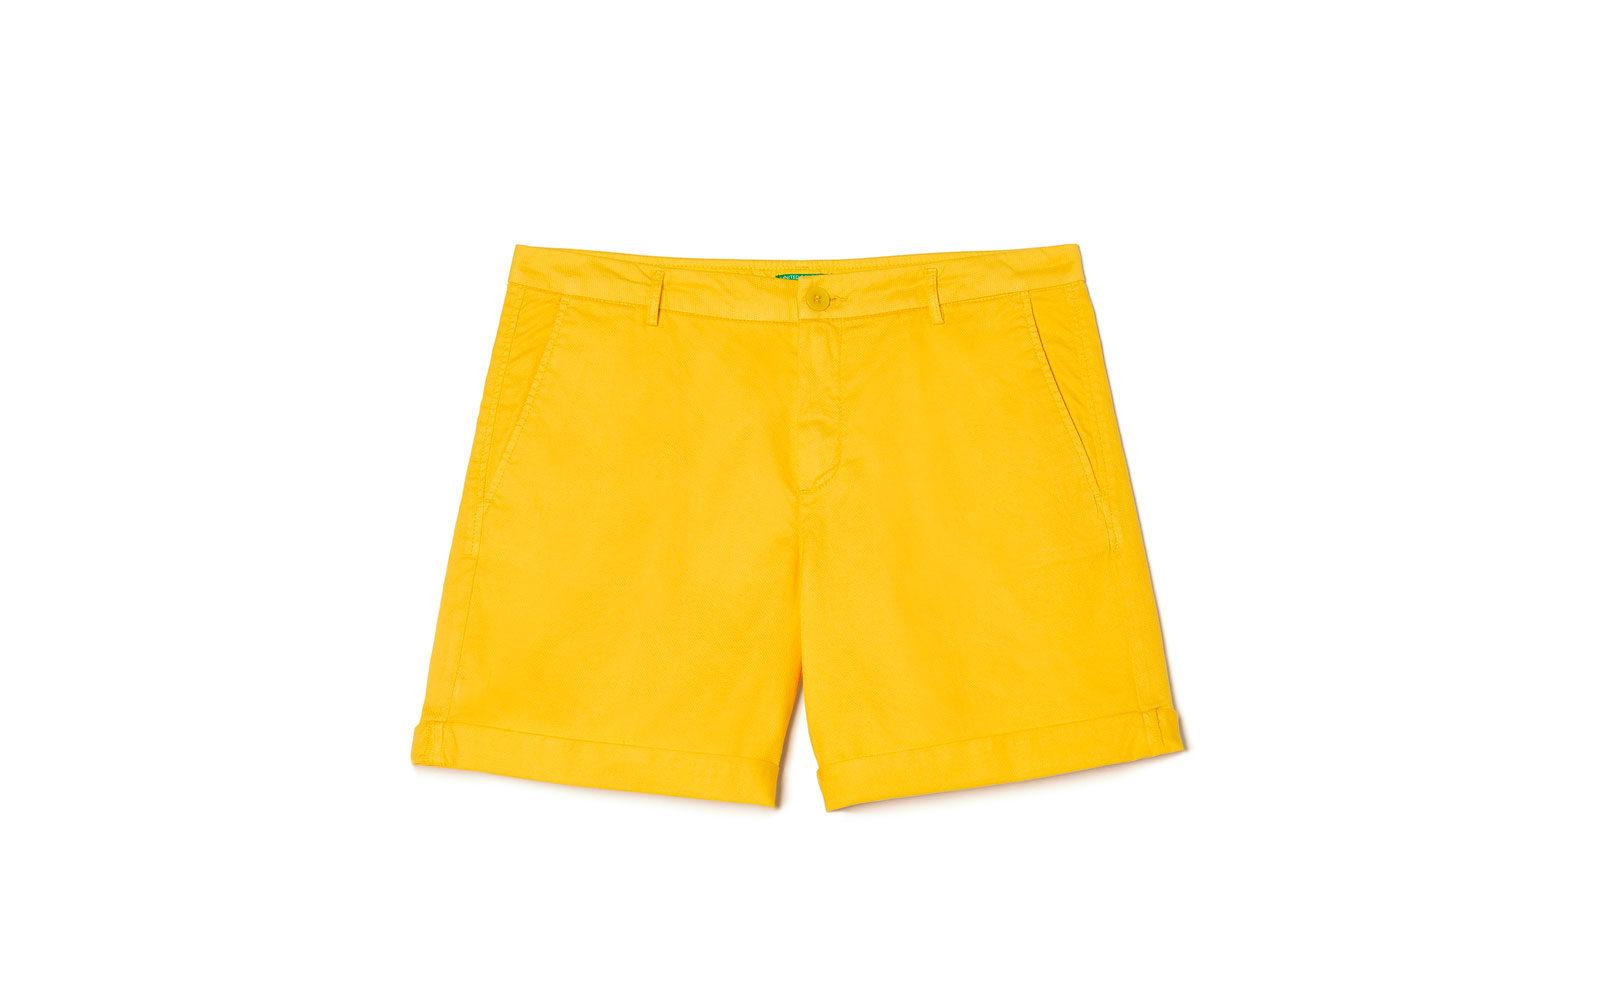 UNITED COLORS OF BENETTON shorts in cotone giallo zafferano. 29,95 euro     www.benetton.com